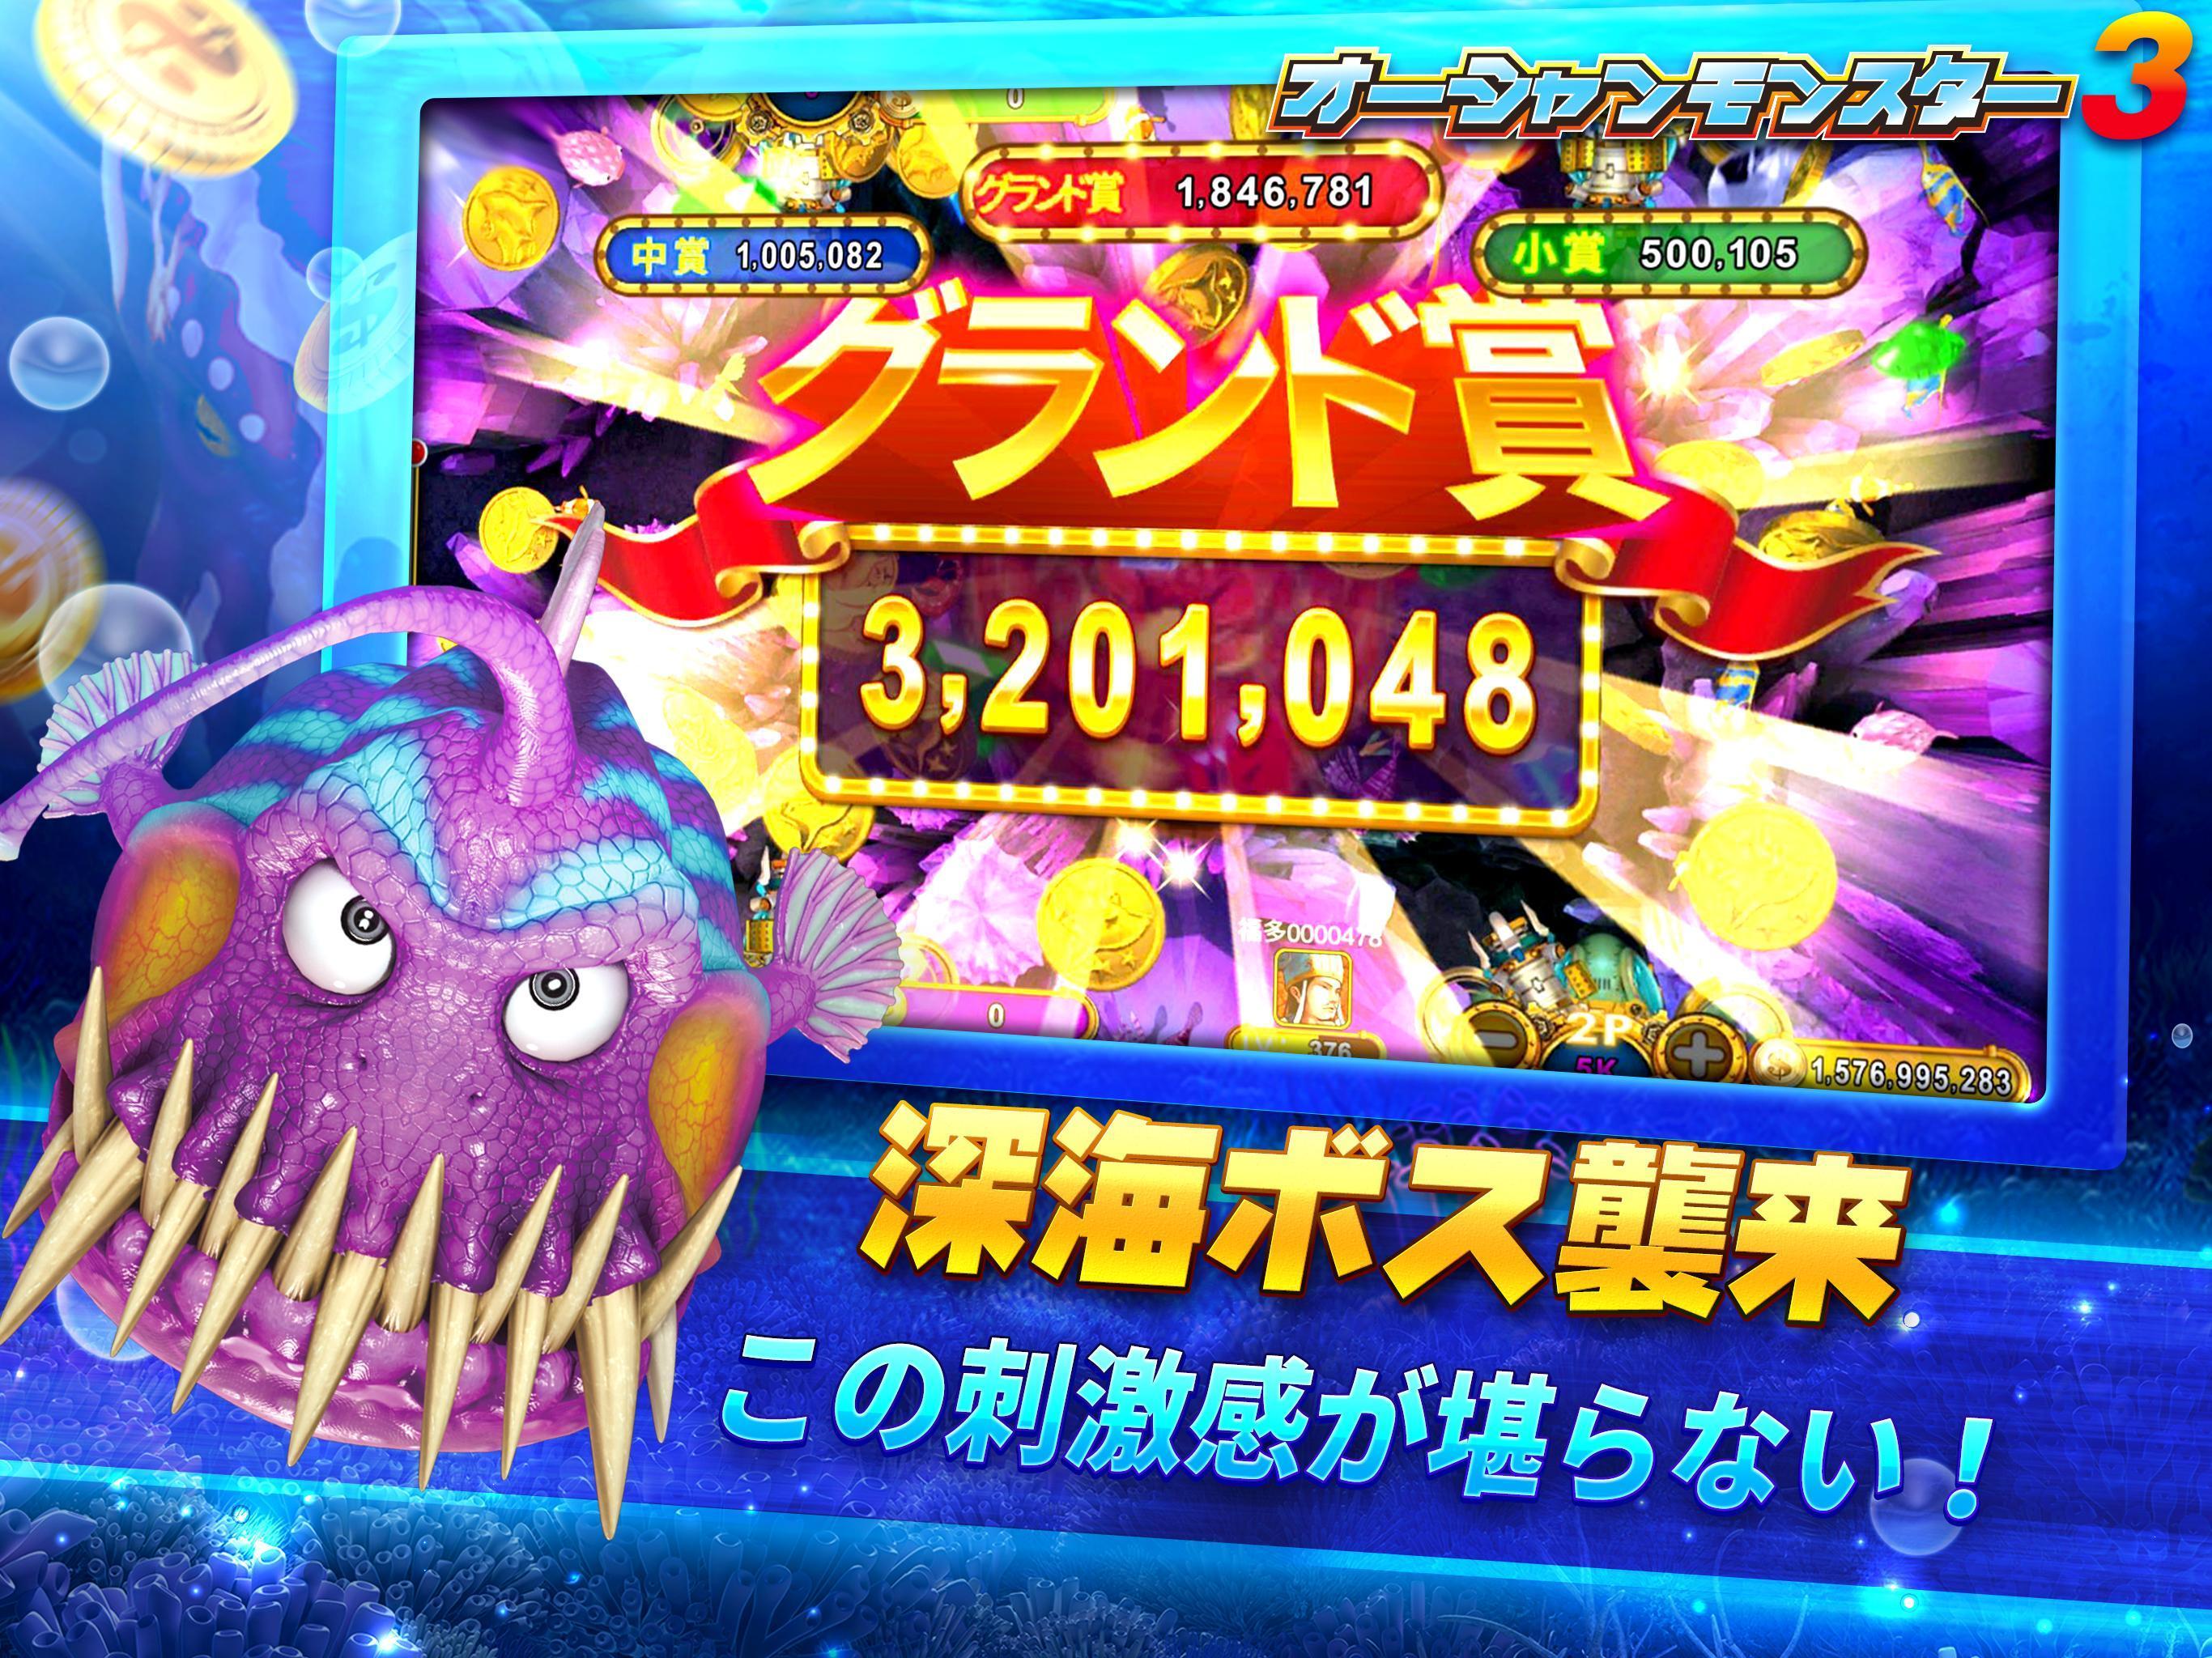 スーパーラッキーカジノ ~ オーシャンモンスター、スロット、サイコロ、ポーカー 3.14.1 Screenshot 16